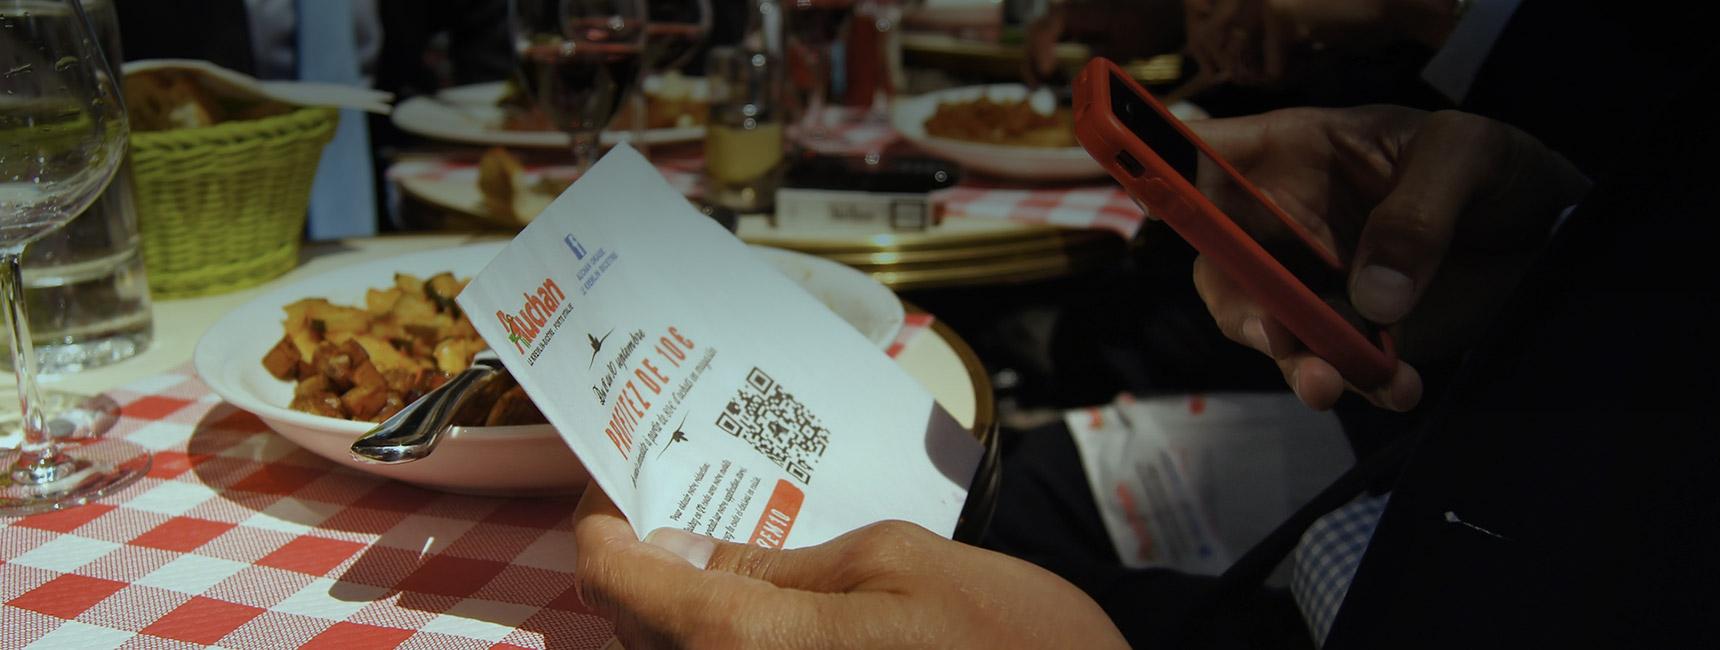 Serviette de table publicitaire, support tactique - Keemia Communication OOH et hors-media